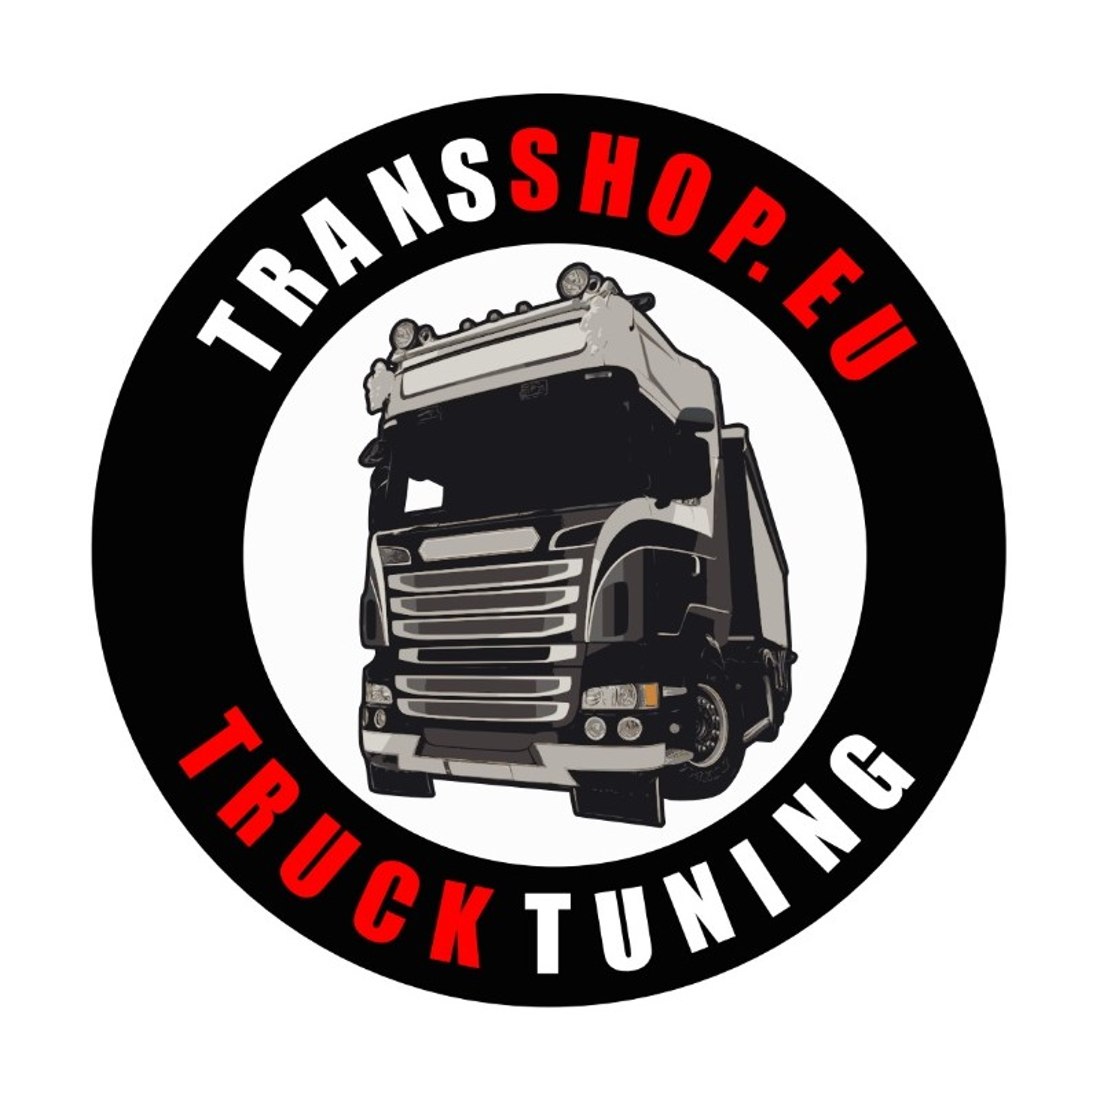 TRANSSHOP STICKER 10 CM